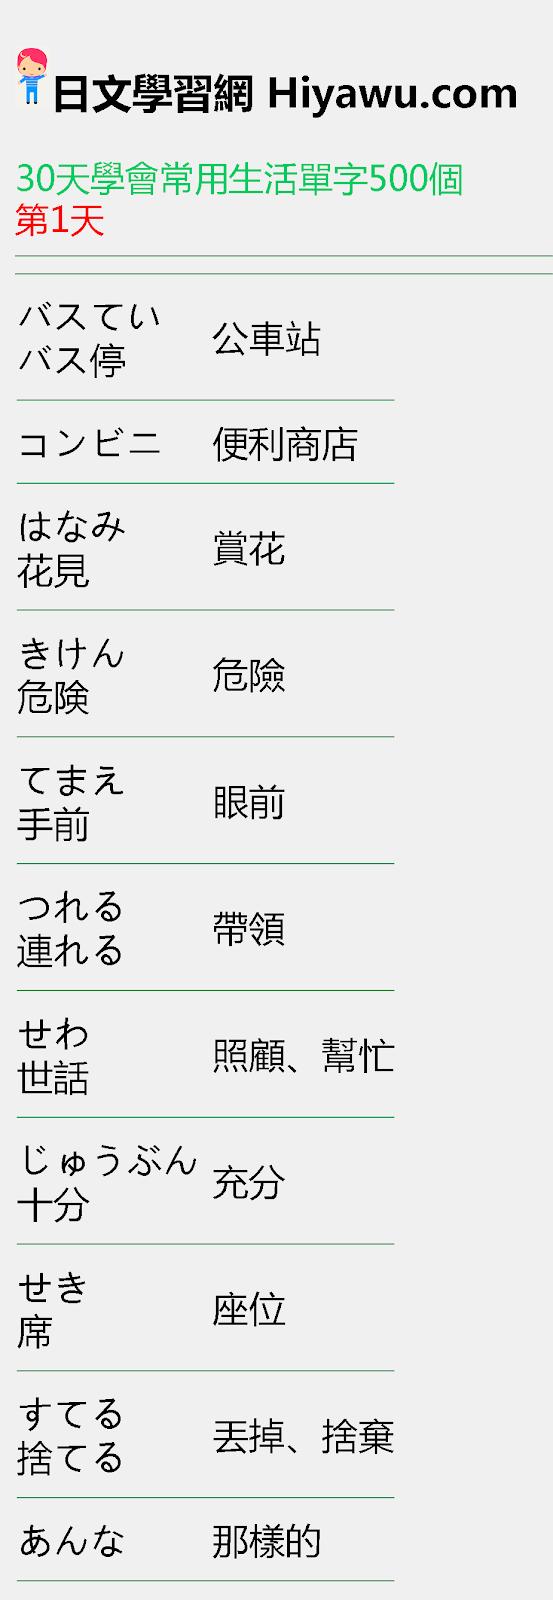 30天學會日文常用生活單字500個(基本單字附假名) - 日語學習網-從現在開始學日文-日文學習App更新中